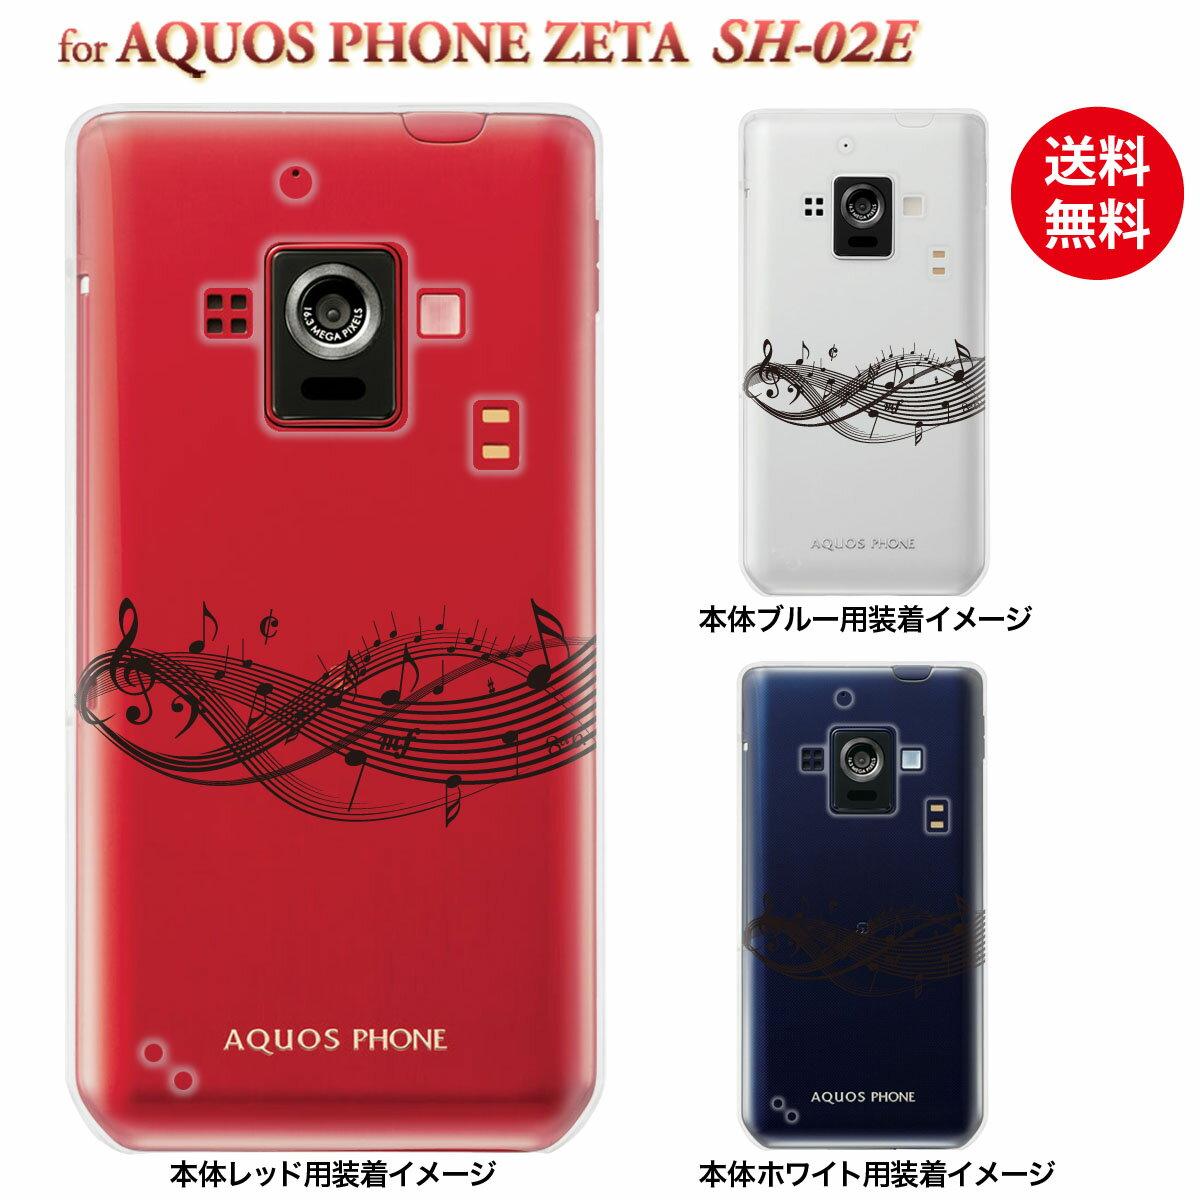 スマートフォン・携帯電話アクセサリー, ケース・カバー AQUOS PHONESH-02EIGZO 09-sh02e-mu0006